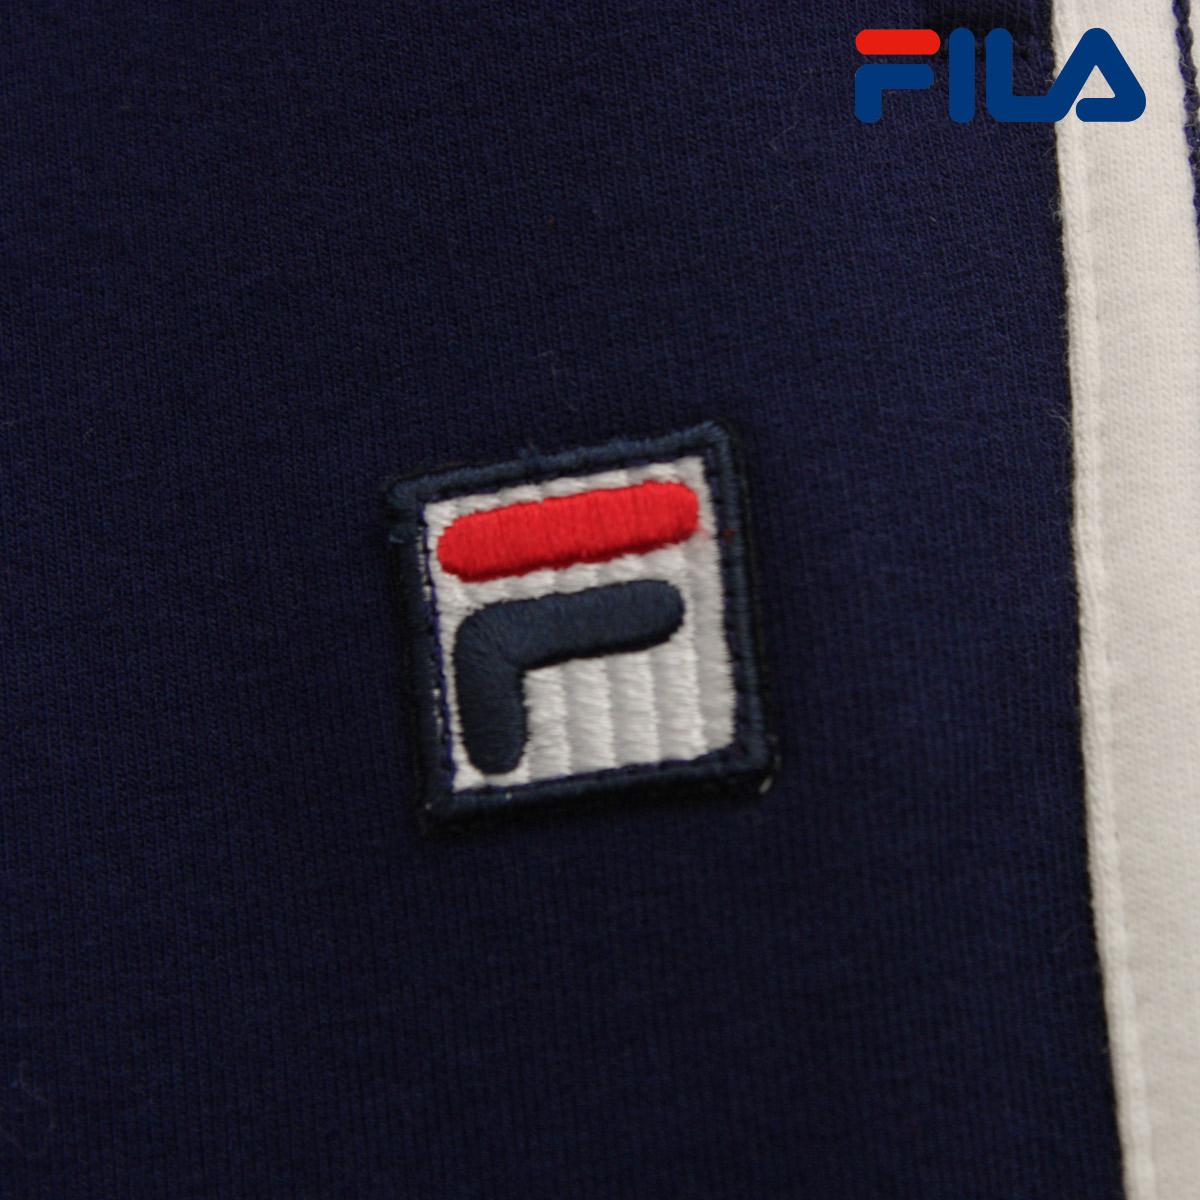 Брюки спортивные Fila 5042701/1 5042701-1 Женские Осень 2010